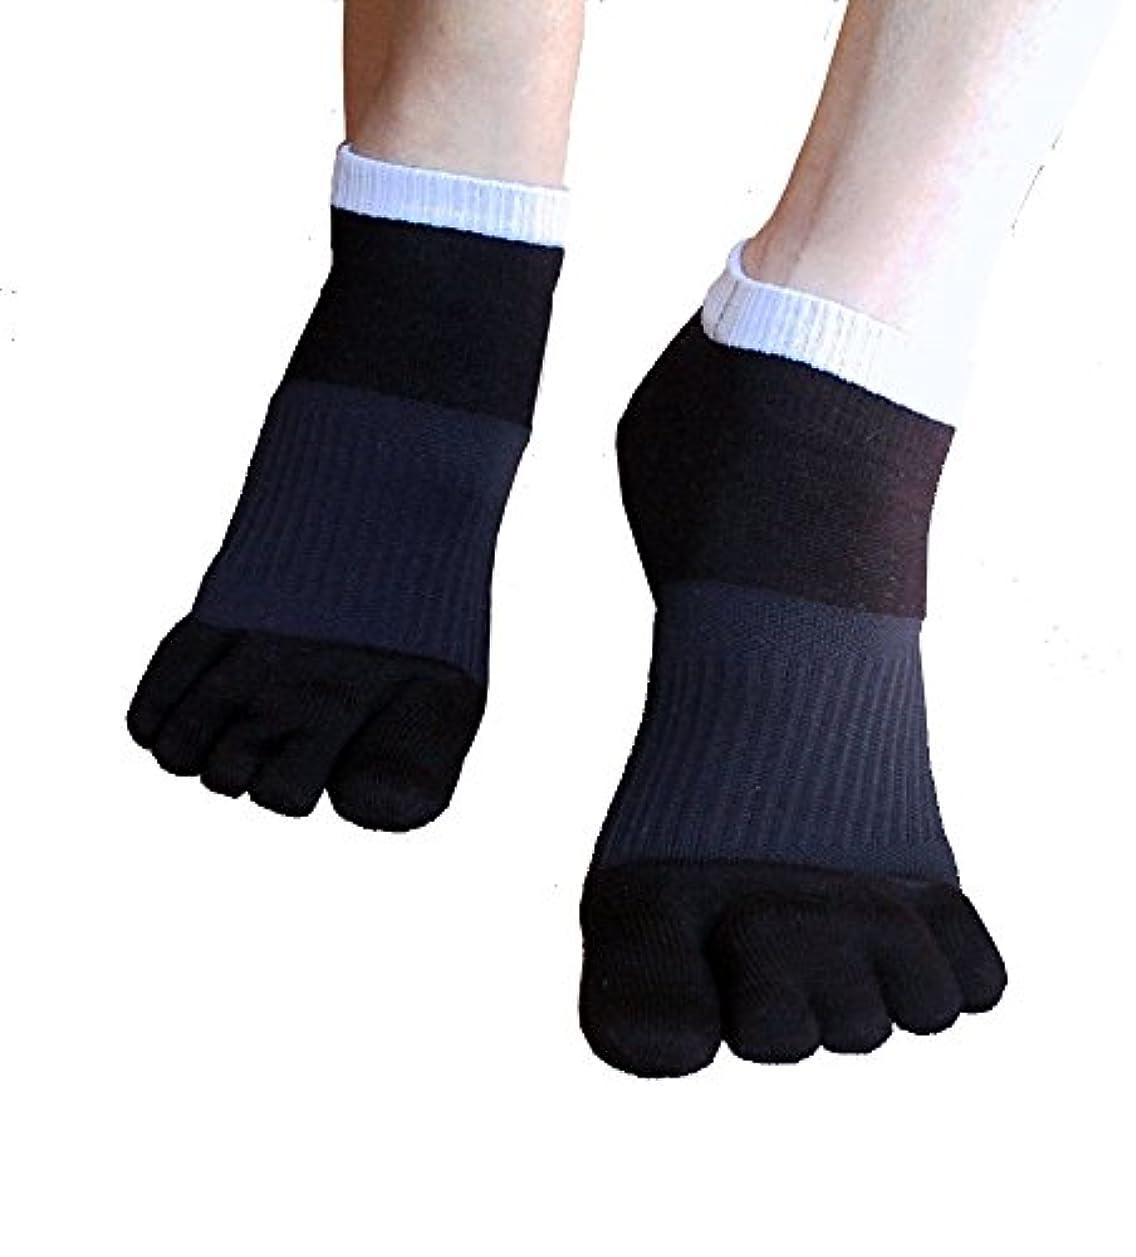 喜ぶ風が強いゾーン外反母趾対策 ふしぎな5本指テーピング靴下 スニーカータイプ 22-24cm?ブラック(色は2色、サイズは3サイズ)